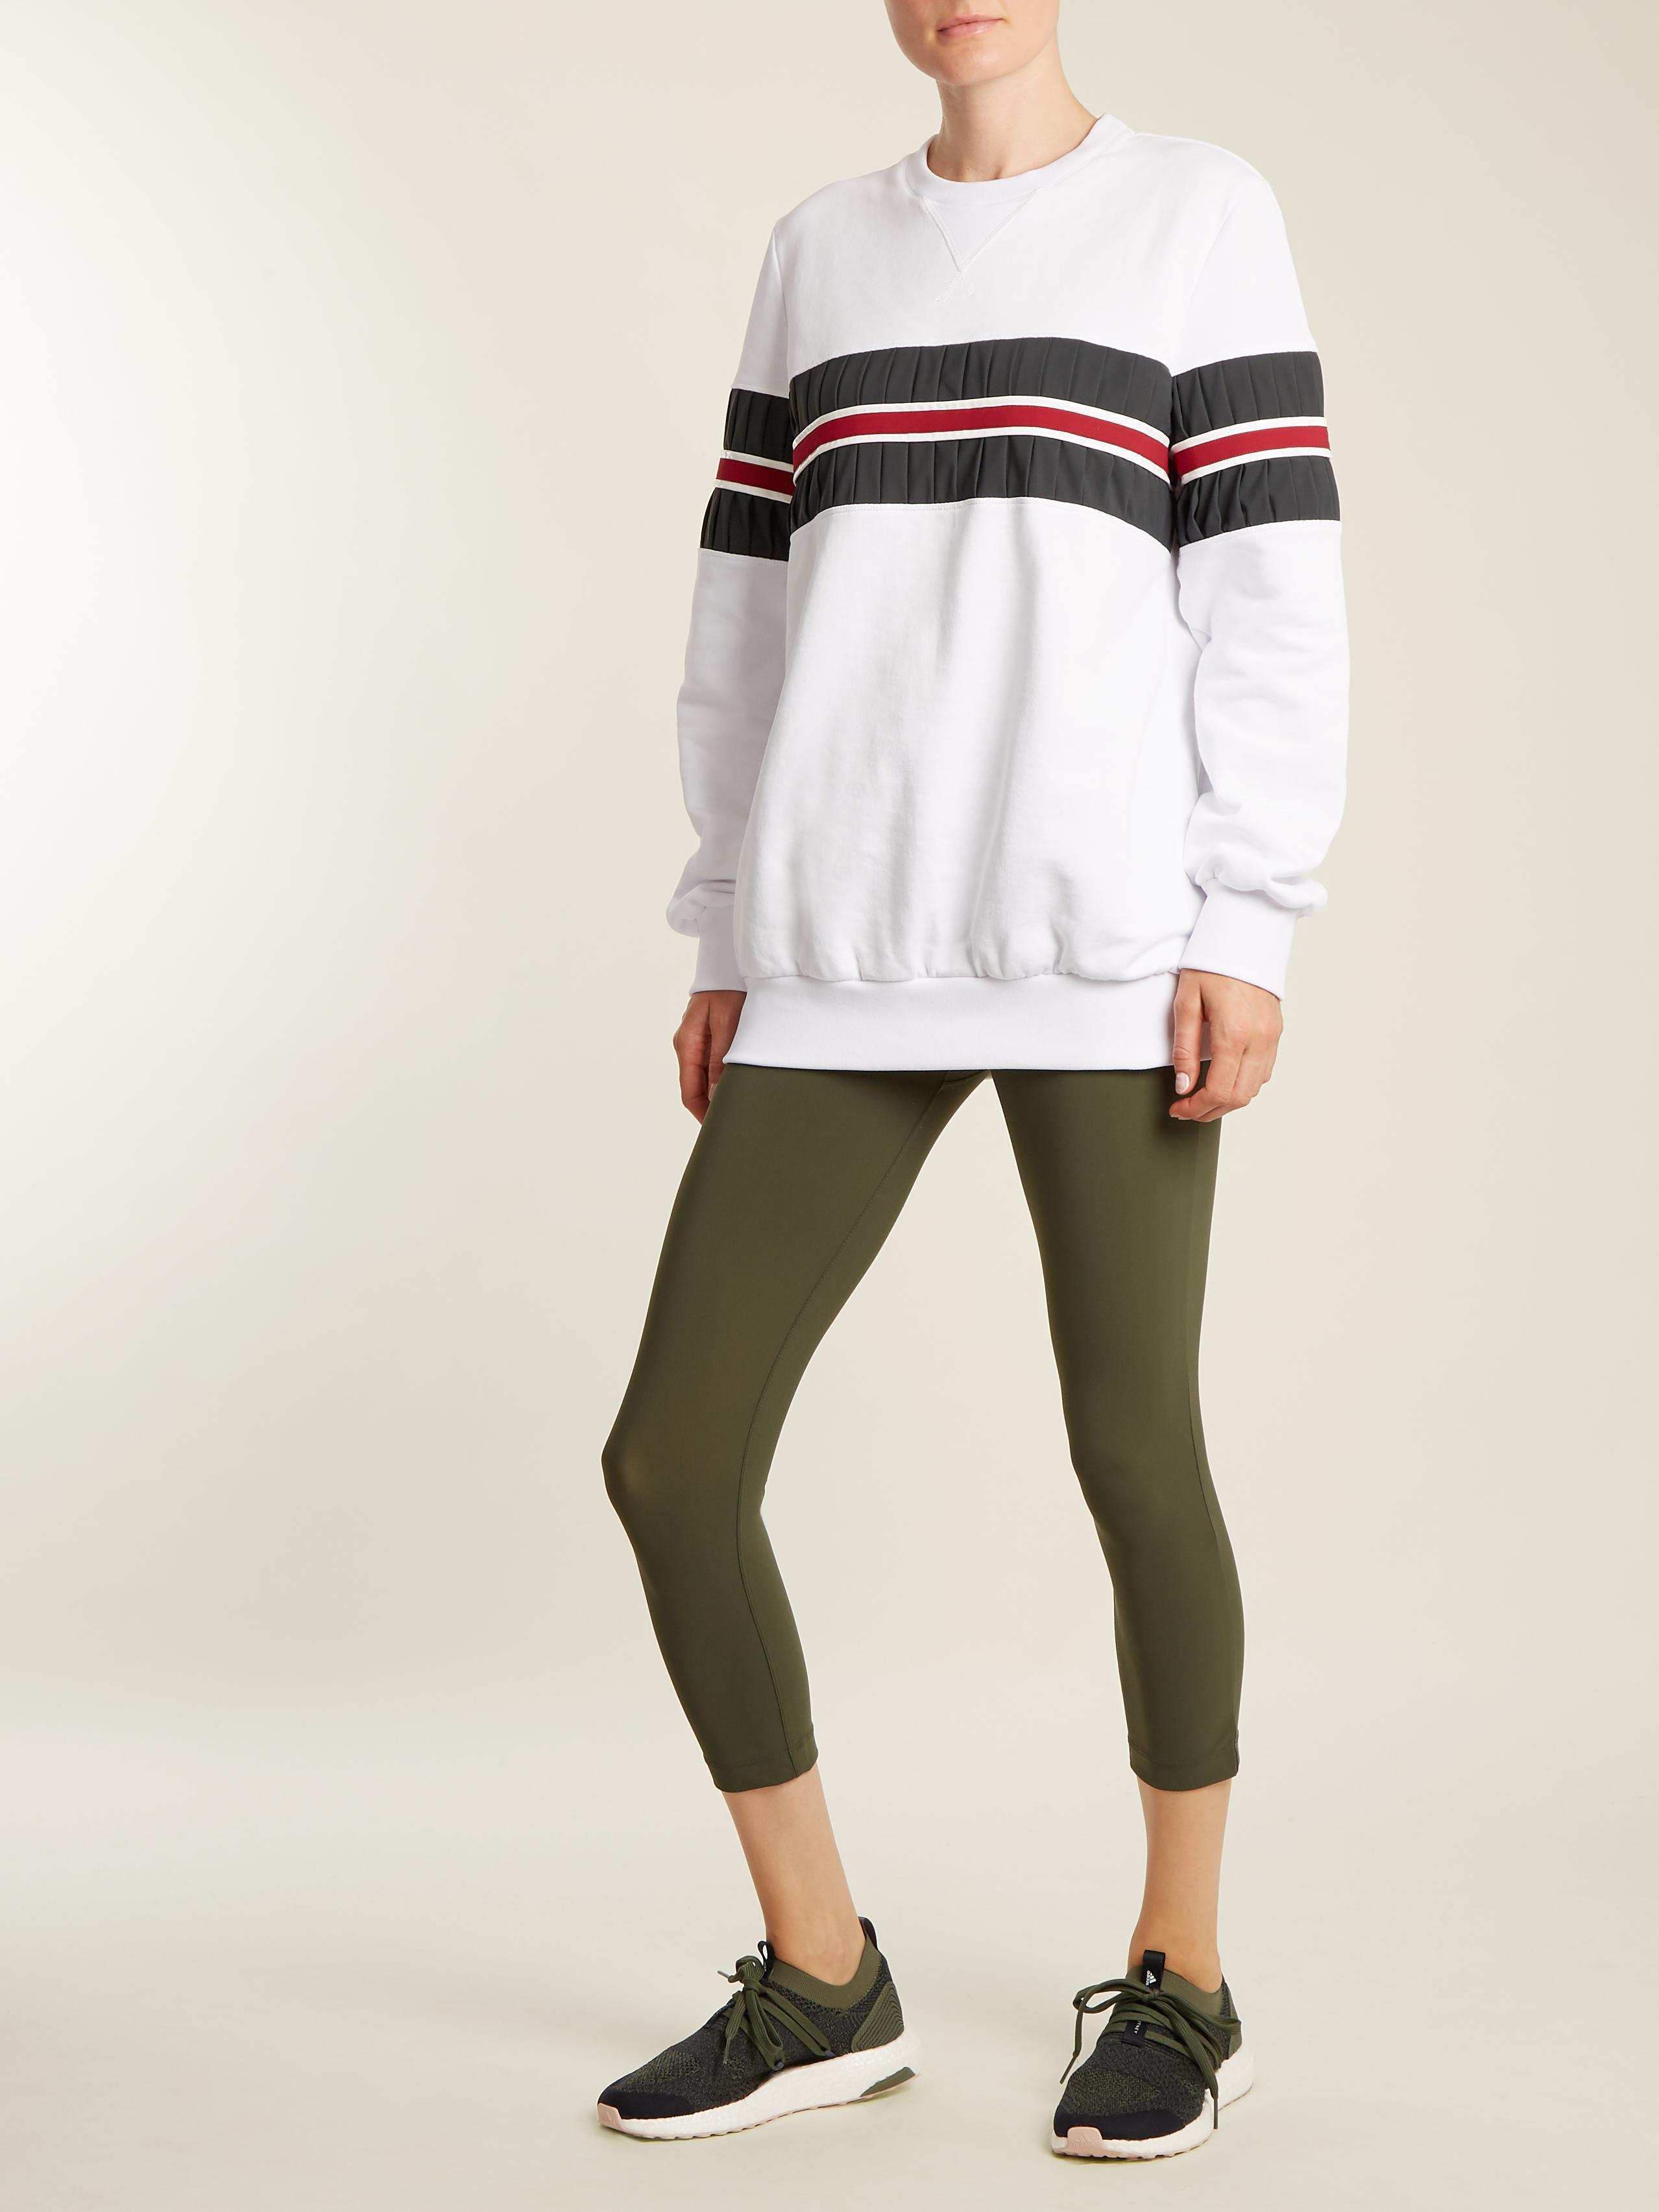 2fec943e3906 Lyst - adidas By Stella McCartney Ultra Boost X Parley Knitted ...